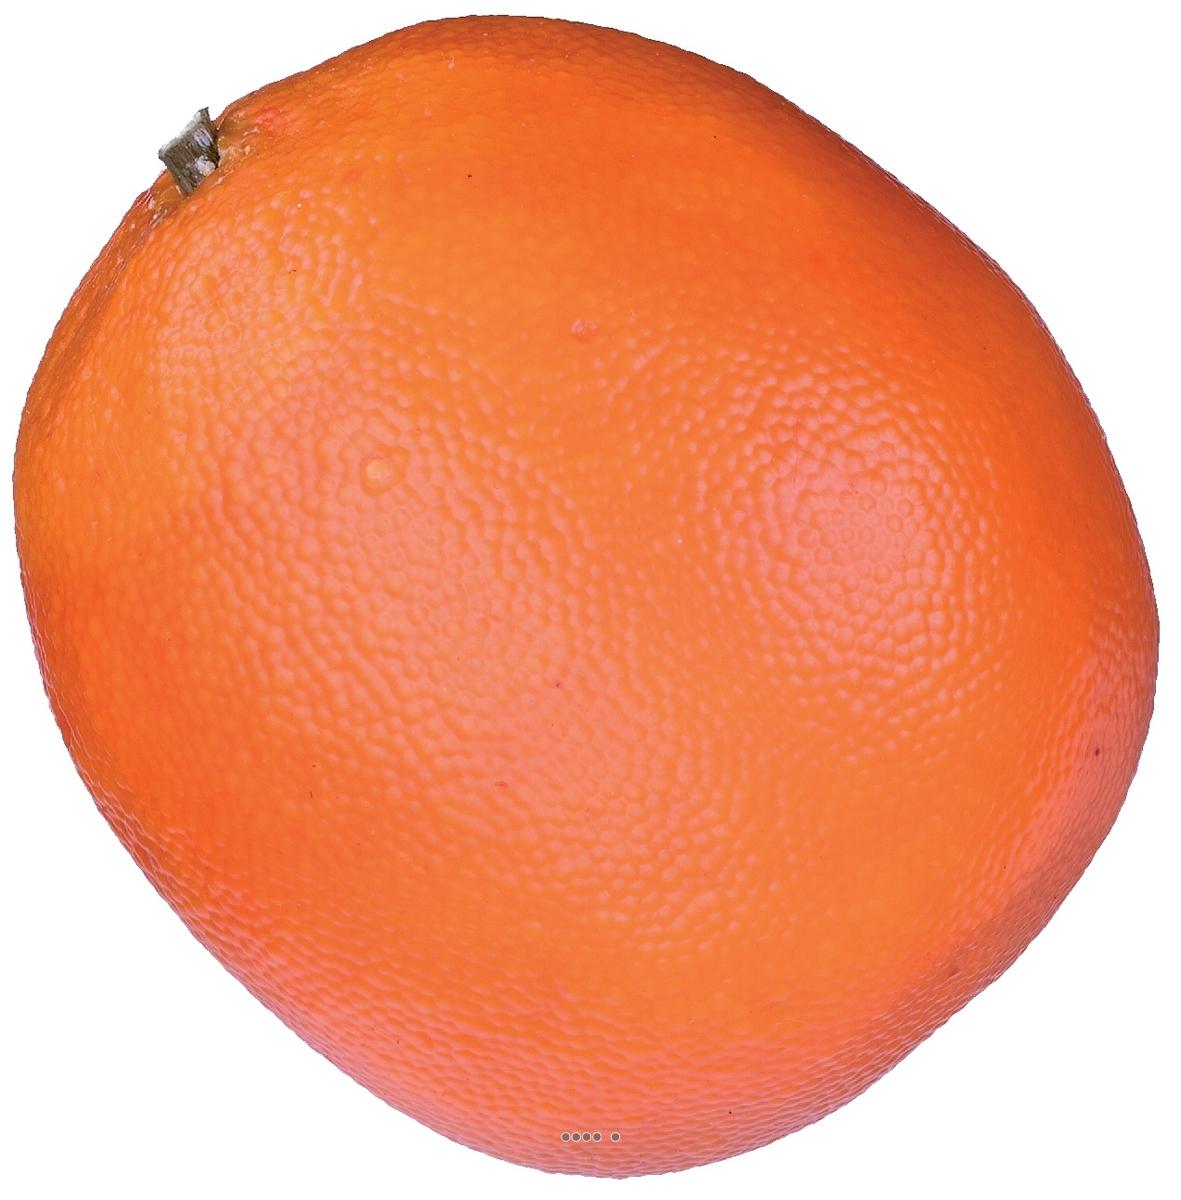 Orange artificielle D 8 cm avec leste superbe de realisme